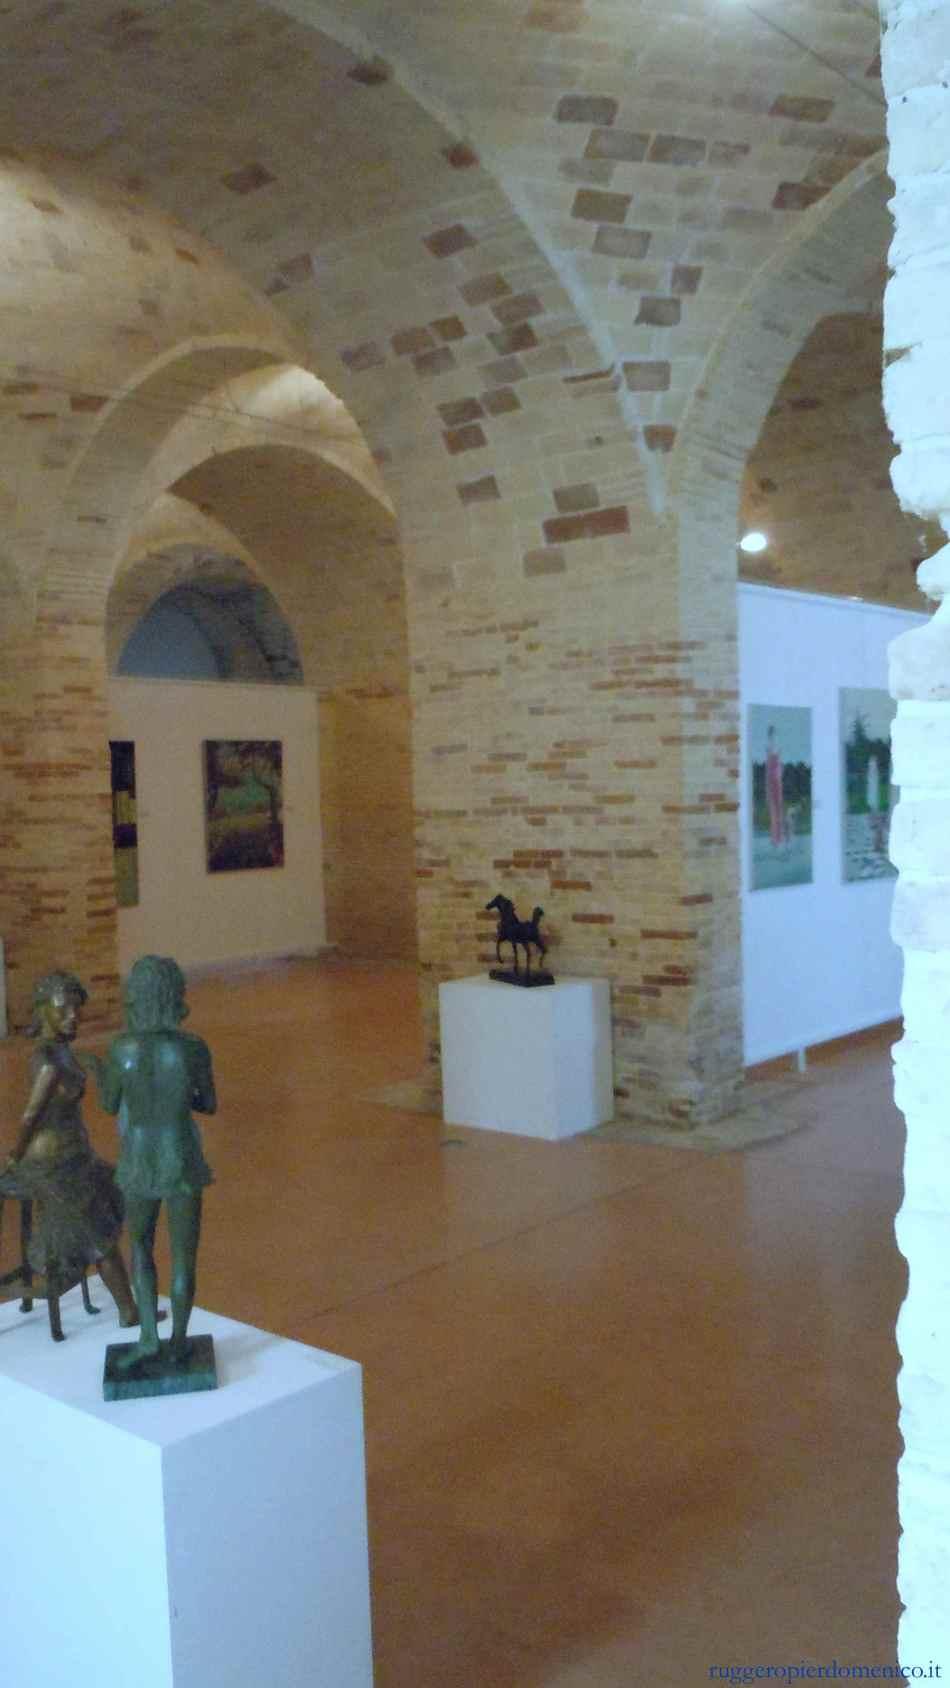 Scuderie palazzo d'Aragona 2014 (ruggeropierdomenico.it)